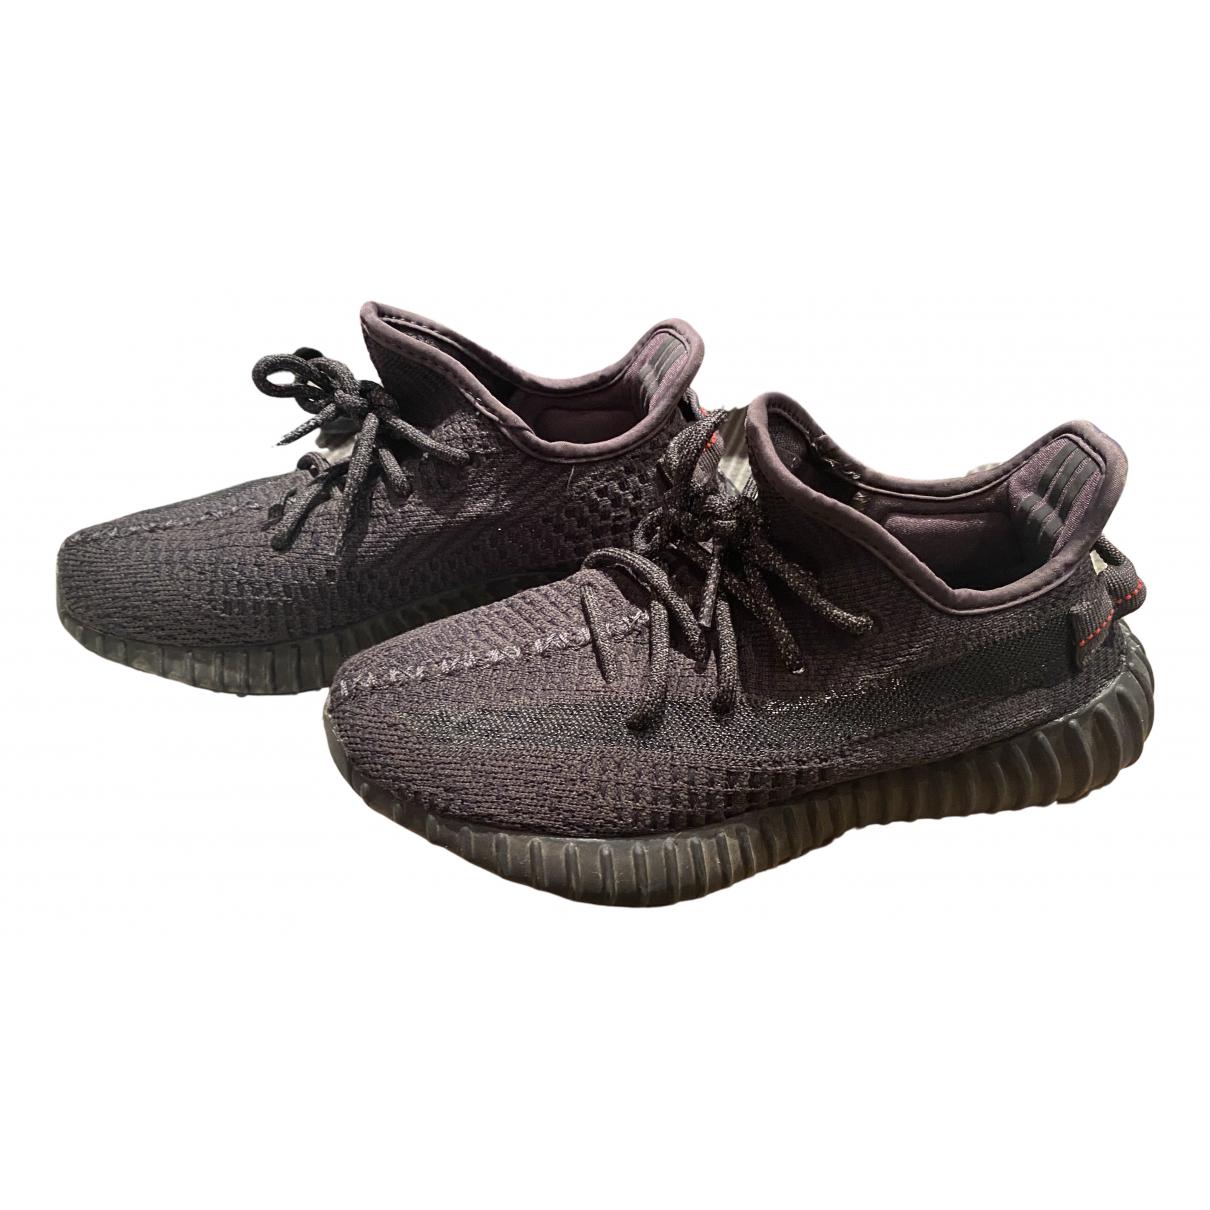 Yeezy X Adidas - Baskets Boost 350 V1 pour femme en toile - noir